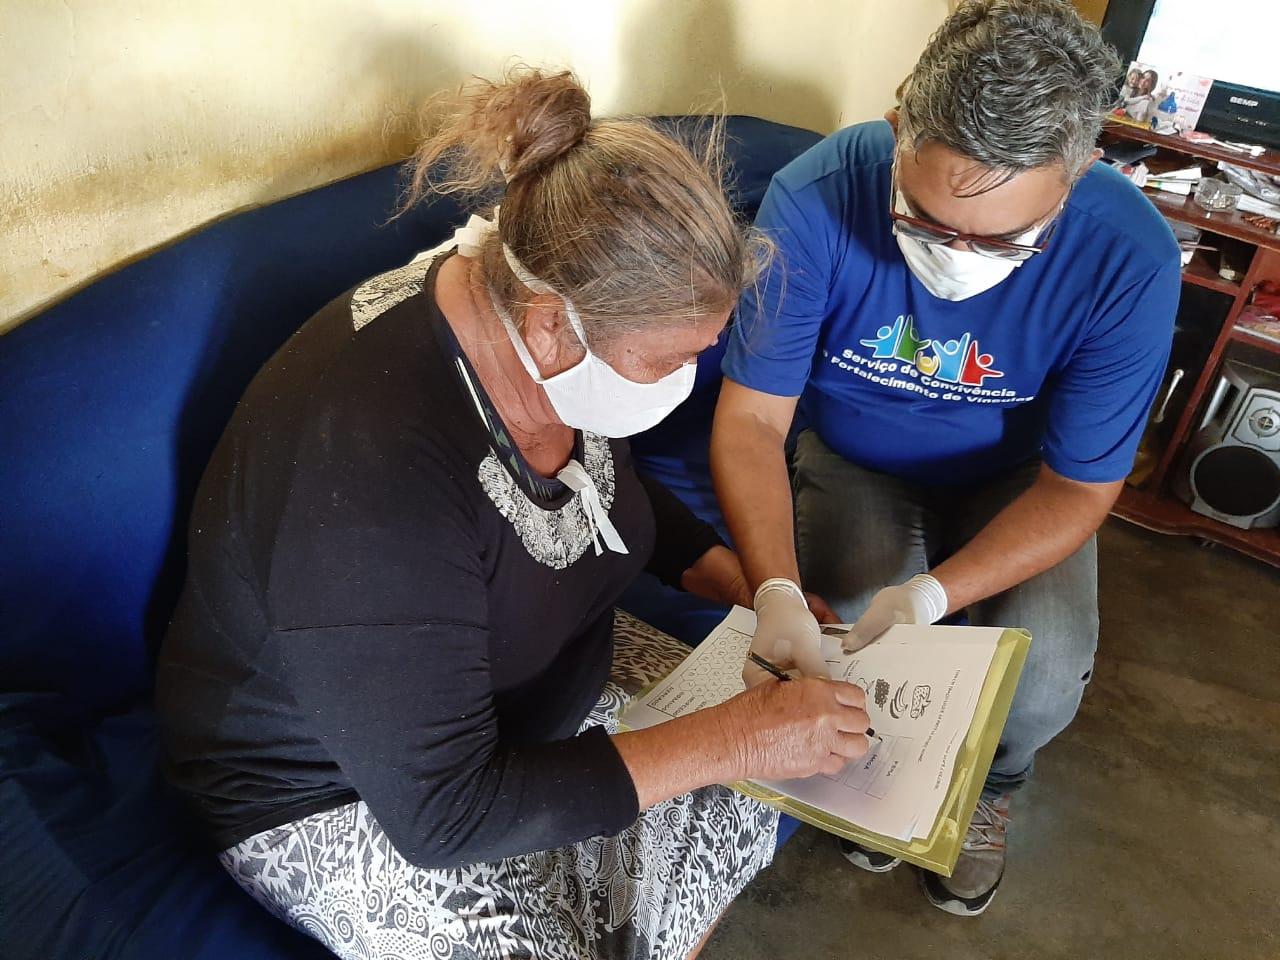 Prefeitura-de-Monteiro-inicia-entrega-de-Kits-para-idosos-do-Serviço-de-Convivência-7 Prefeitura de Monteiro inicia entrega de Kits para idosos do Serviço de Convivência